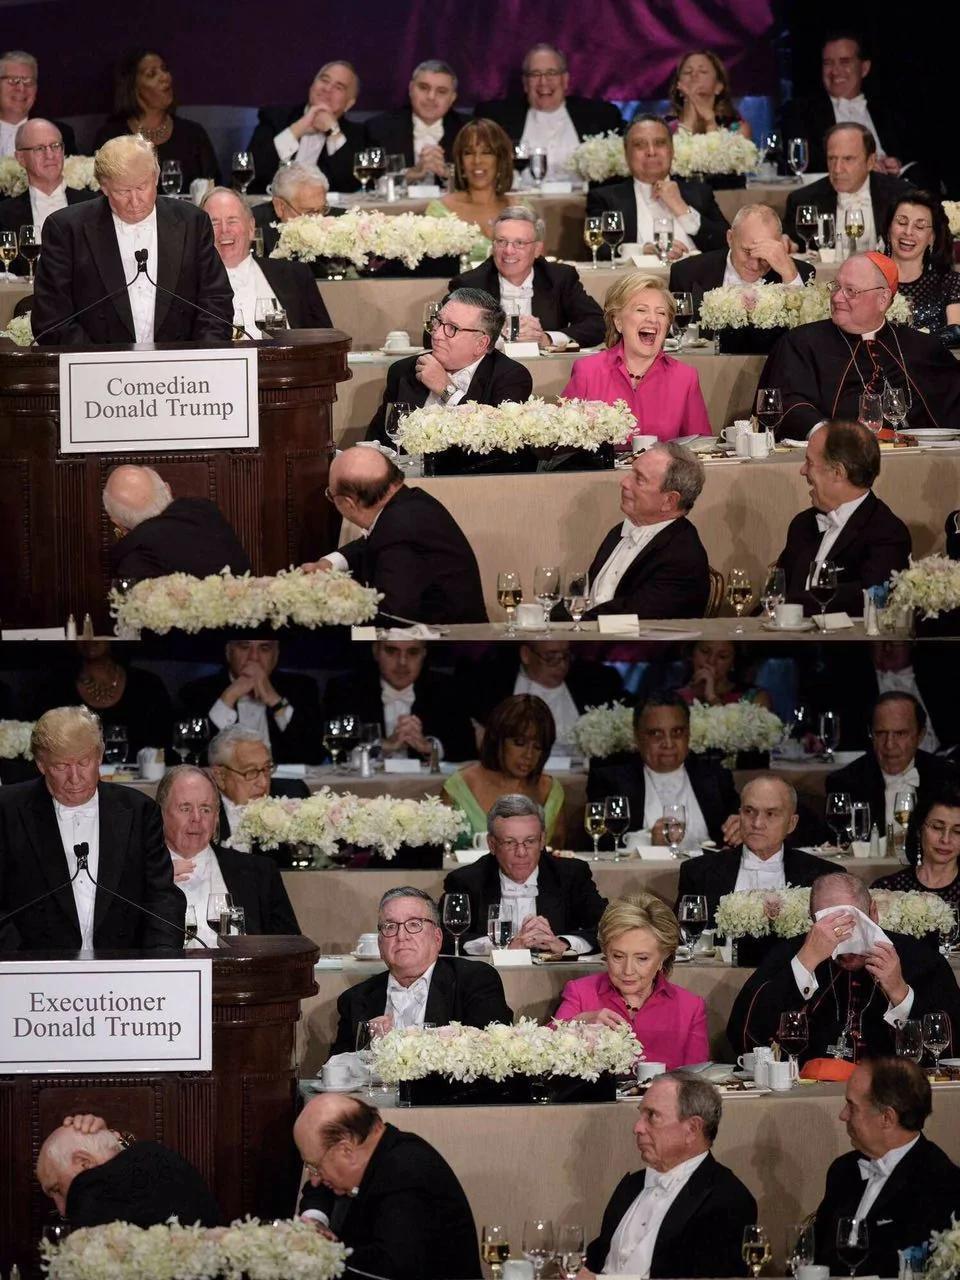 厉害了哥!最后的晚餐:川普在艾尔史密斯慈善晚宴上的演讲